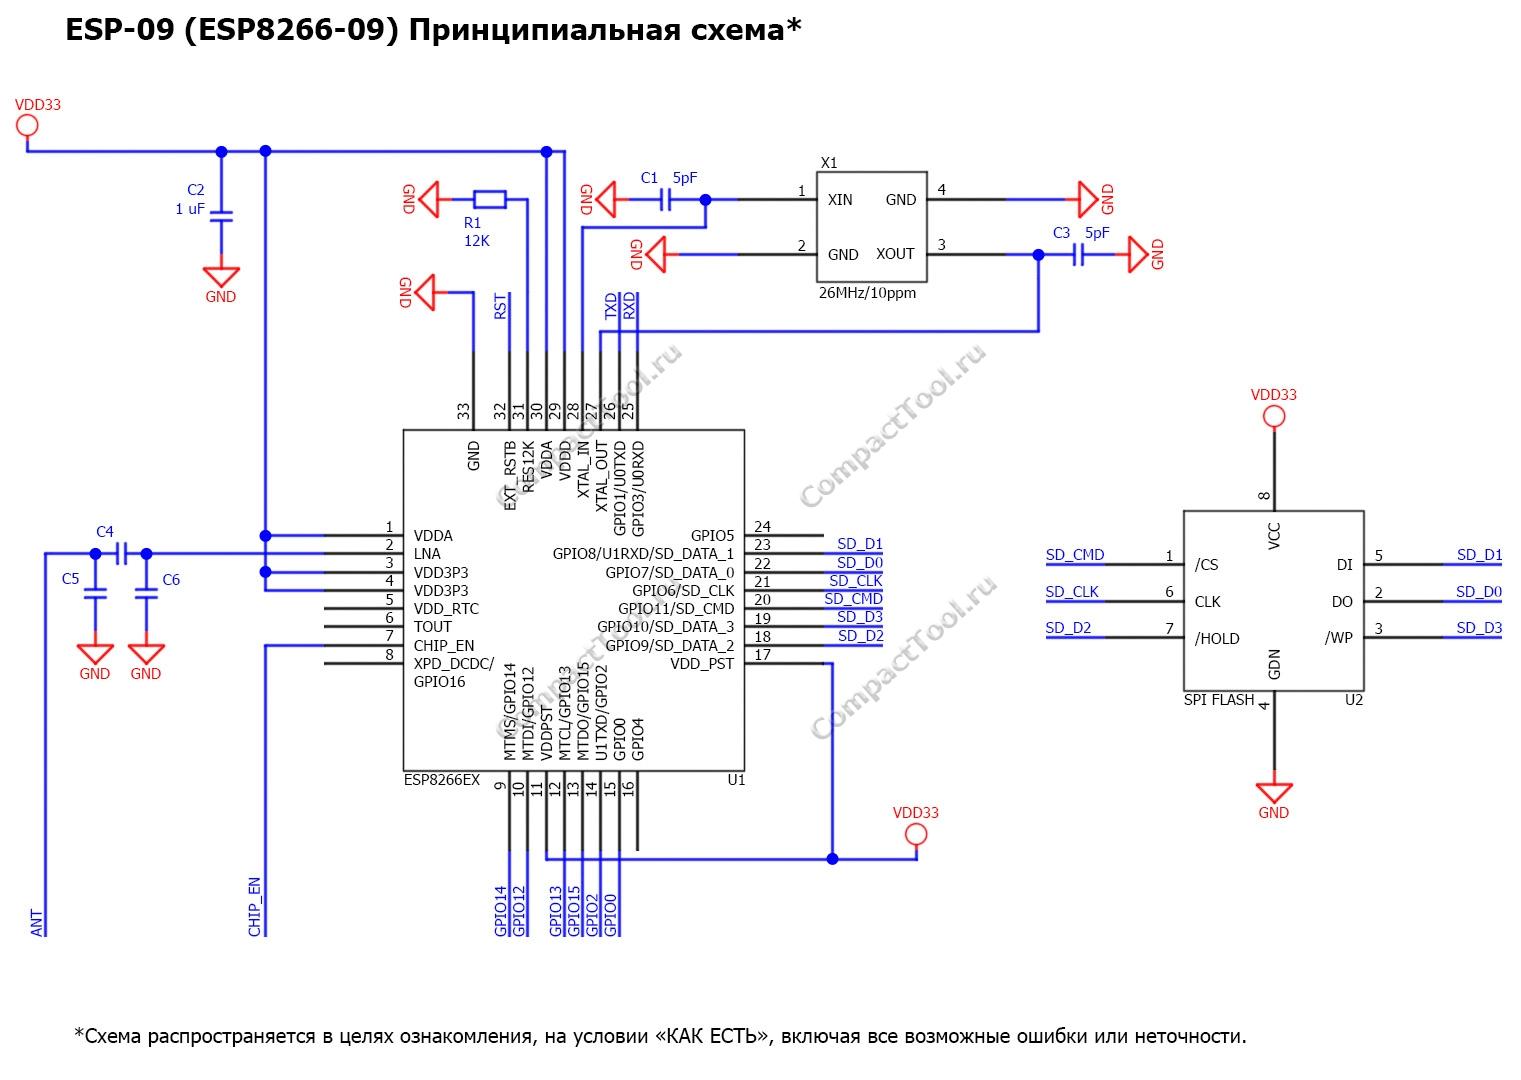 Принципиальная схема ESP-09 Principal scheme